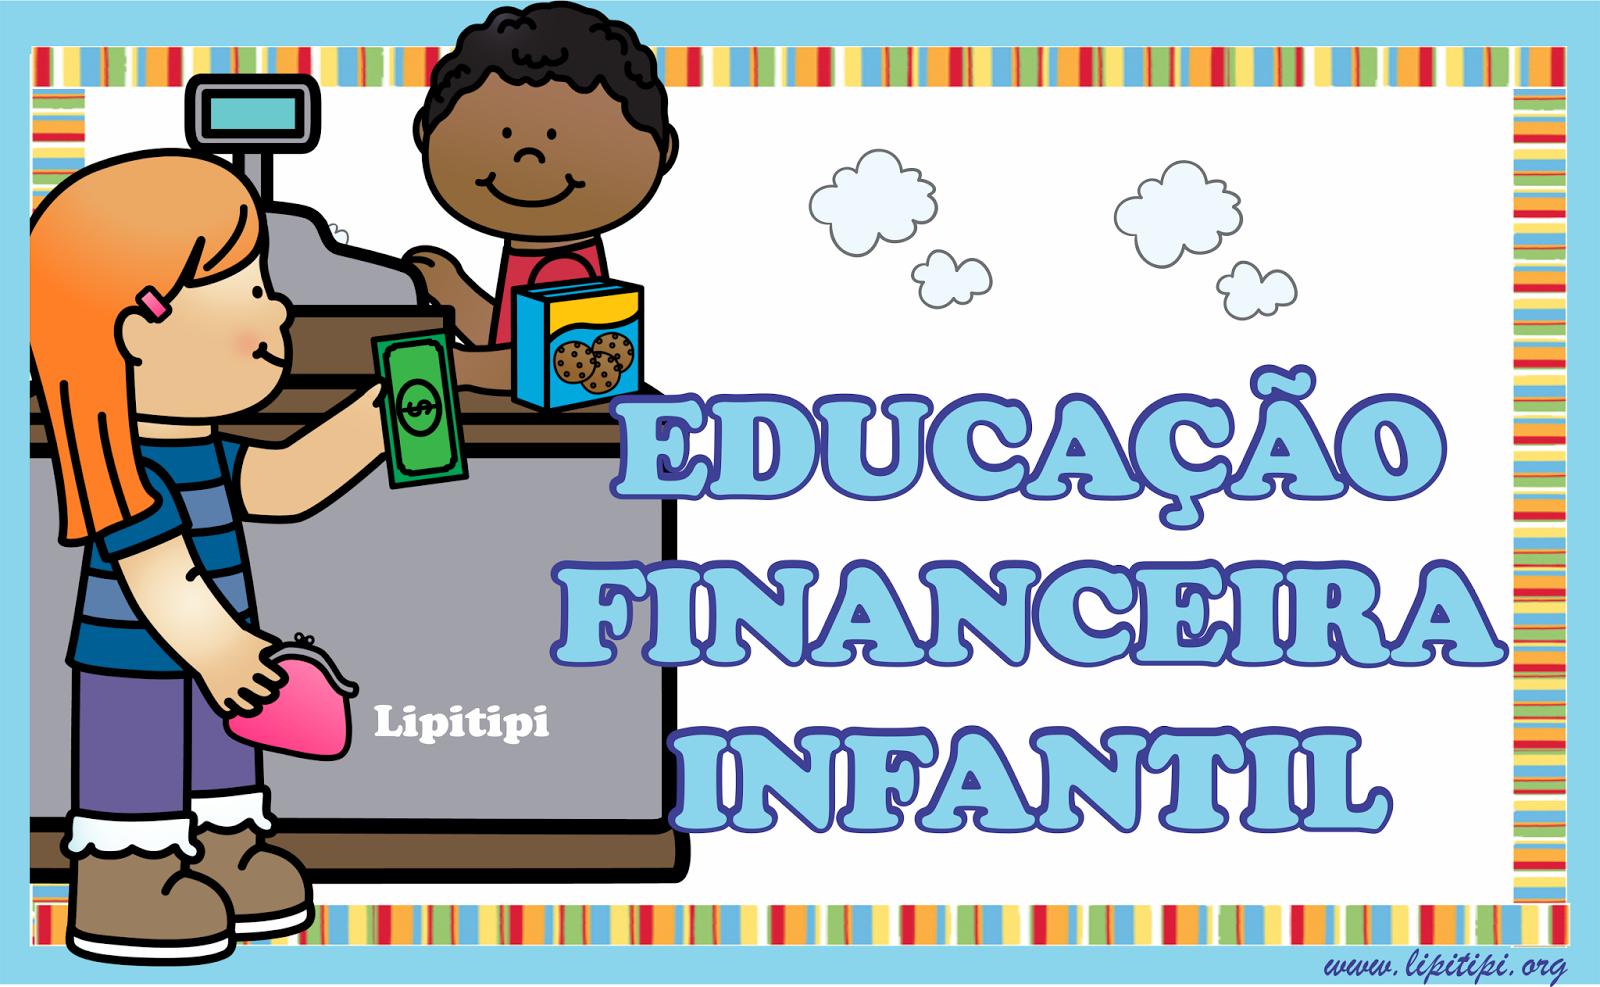 Super Lipitipi- Atividades e Projetos Fundamental I: Educação Financeira  OF38